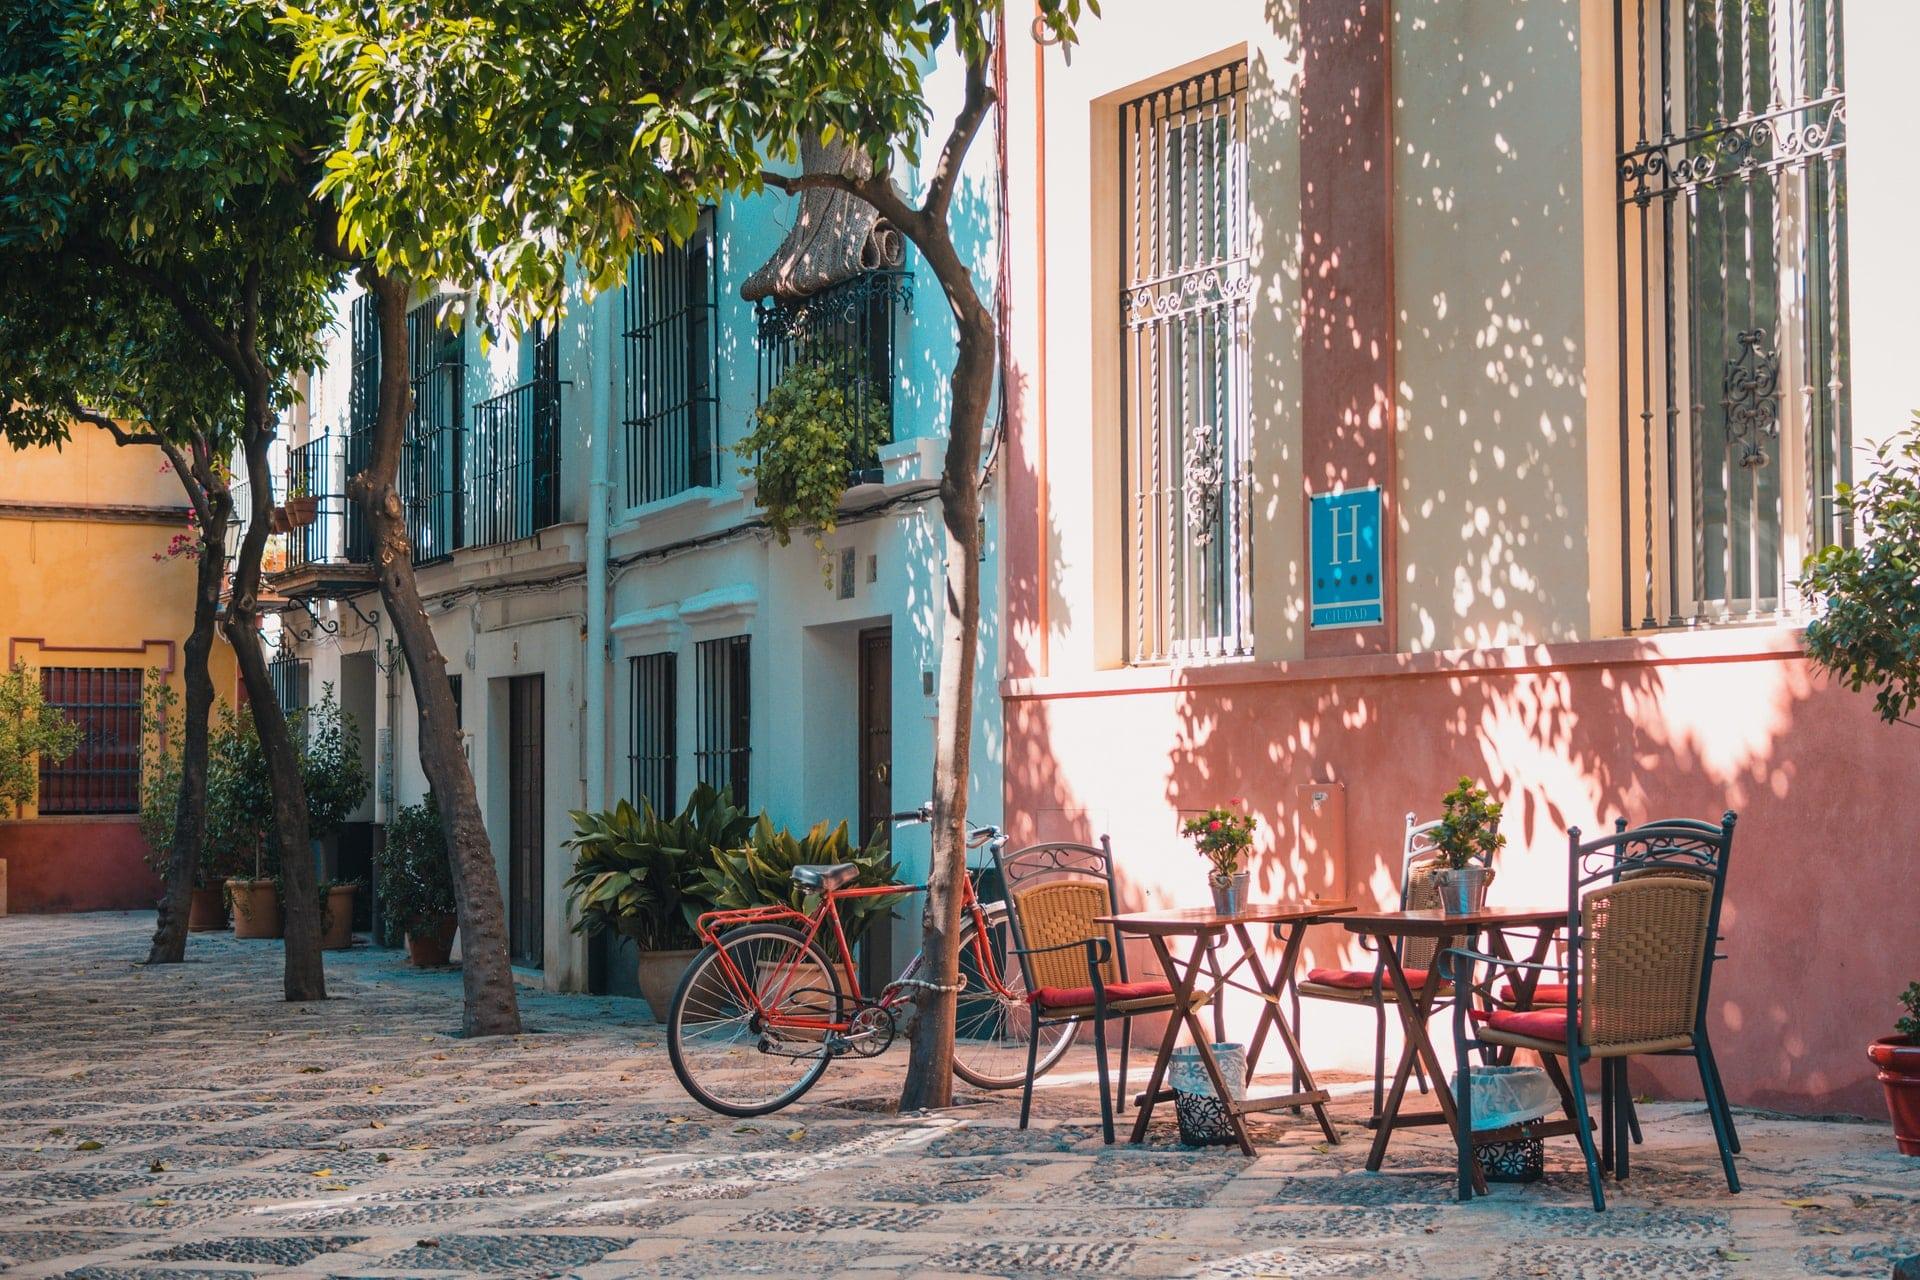 terrasse de café ensoleillé typique de l'espagne